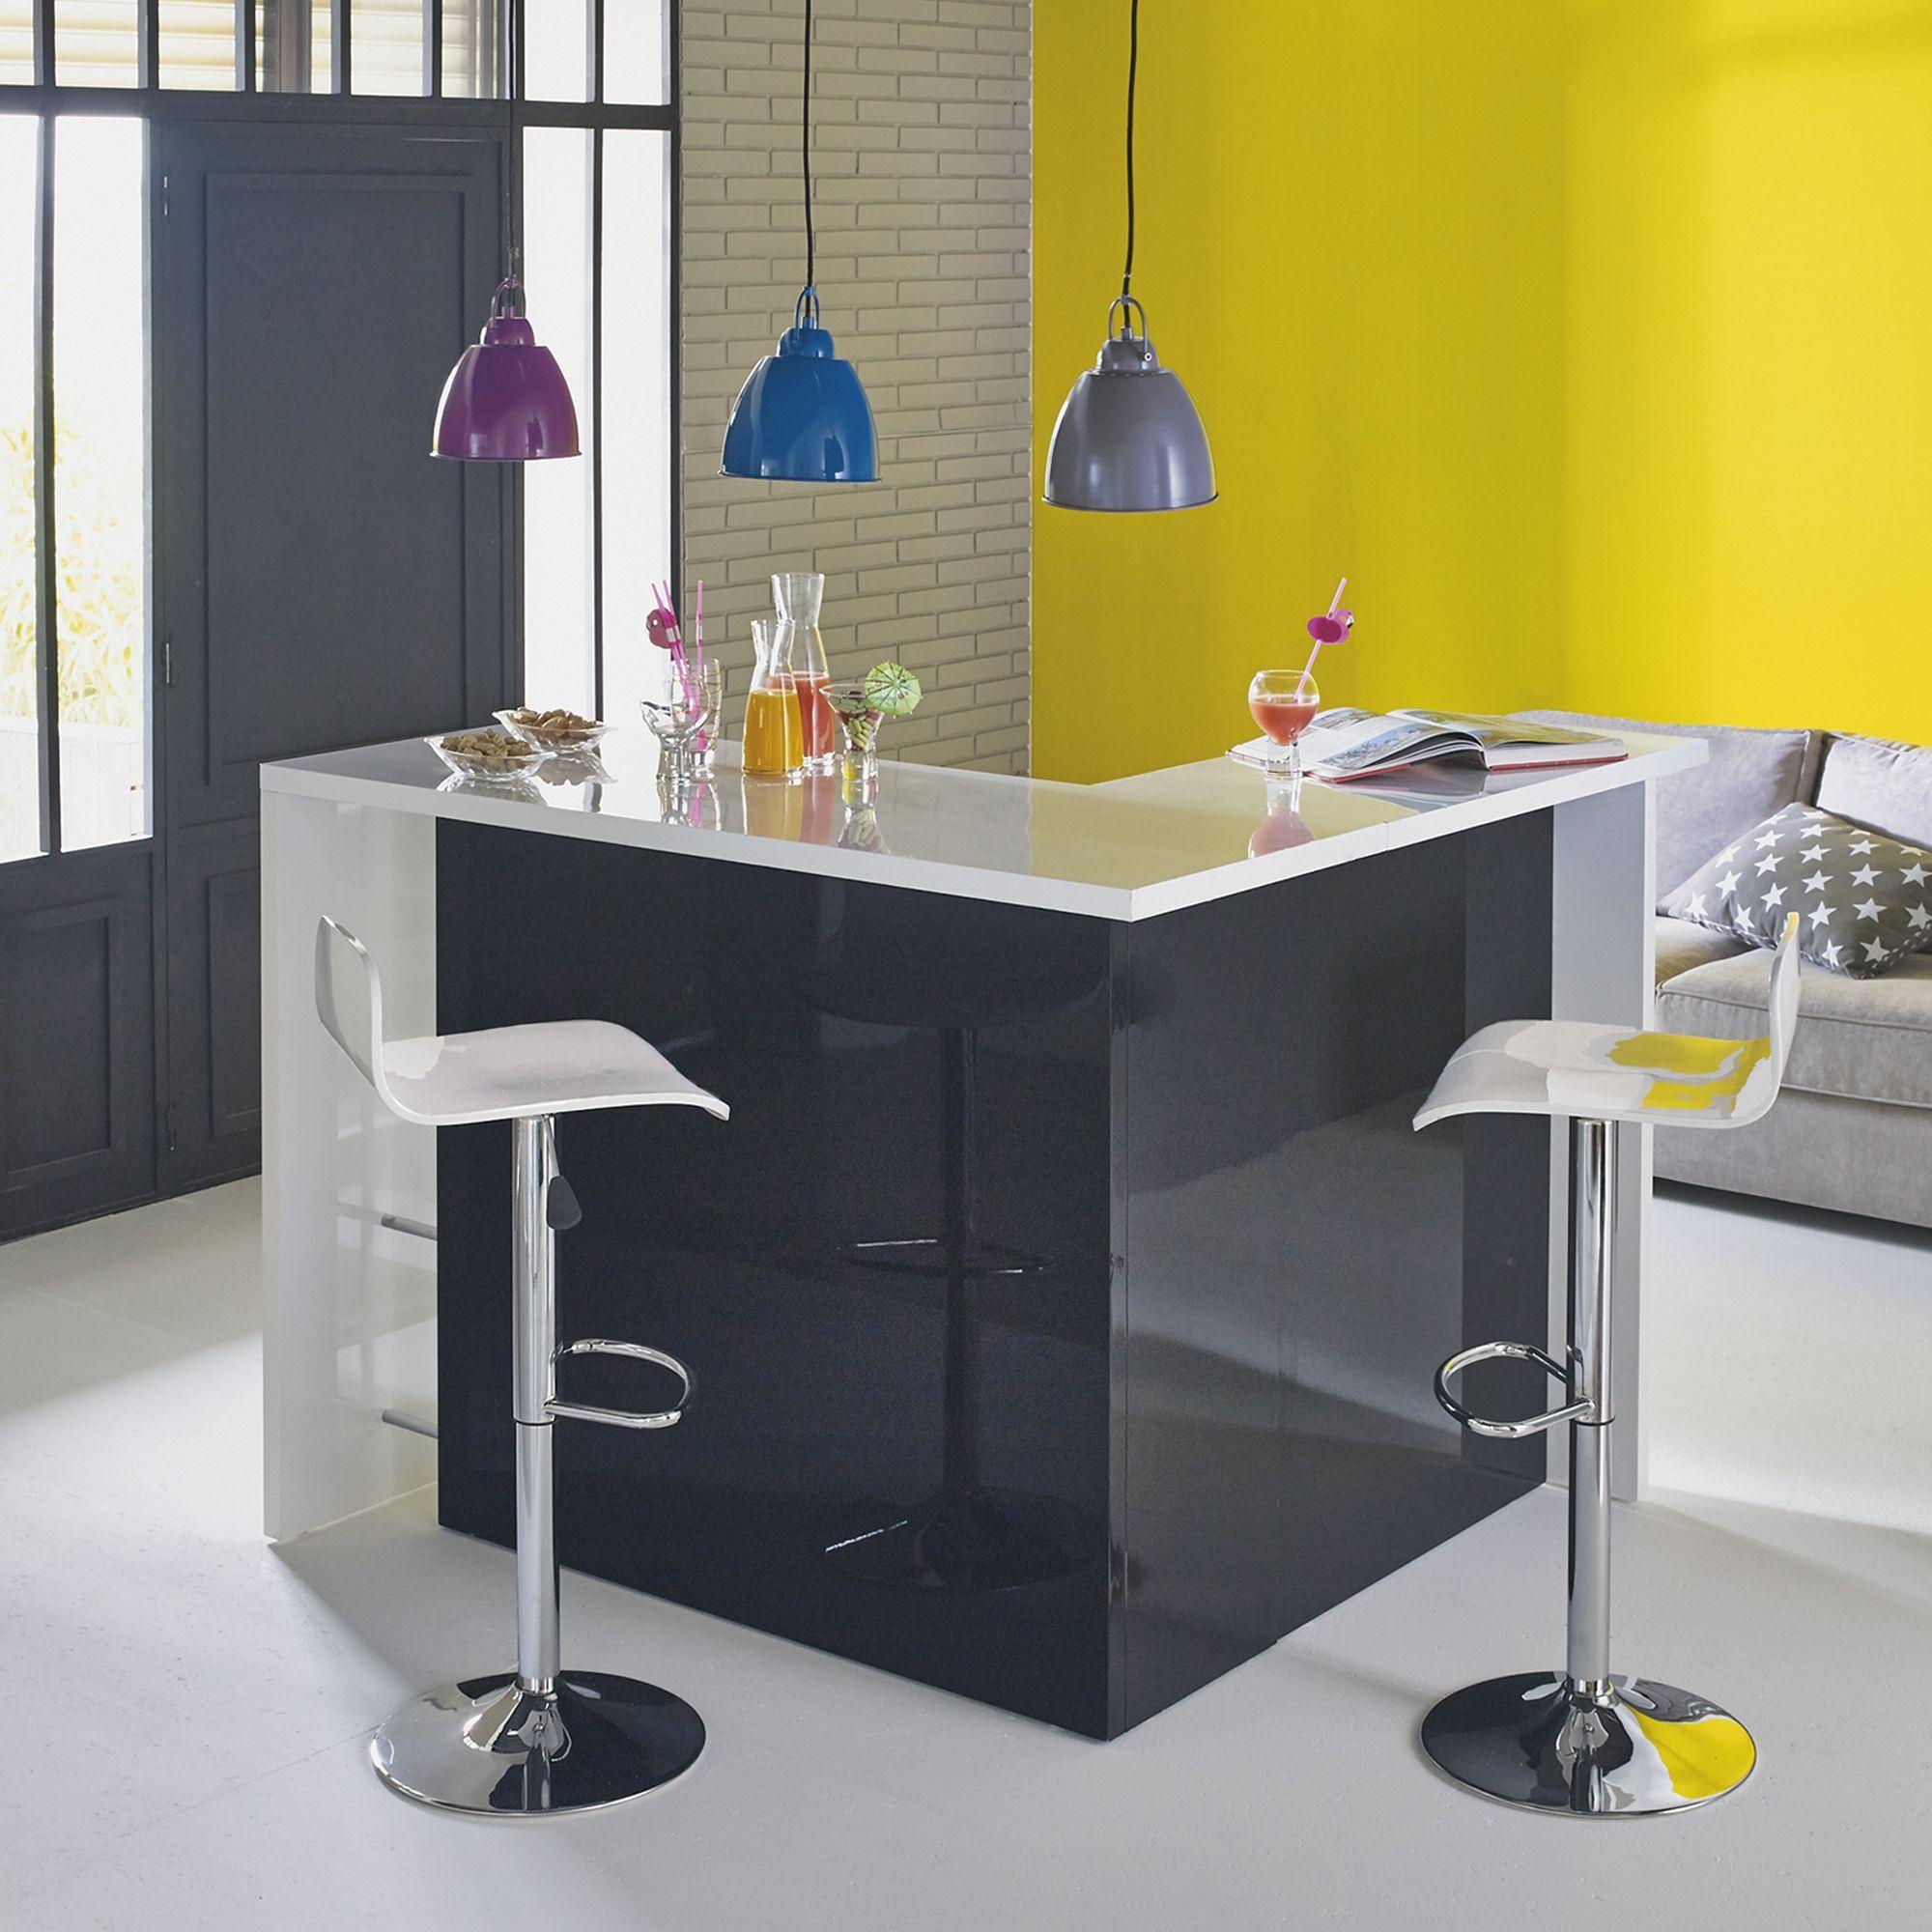 pour s parer le coin cuisine sans cloisonner l 39 espace un bar d 39 angle haut permet de dissimuler